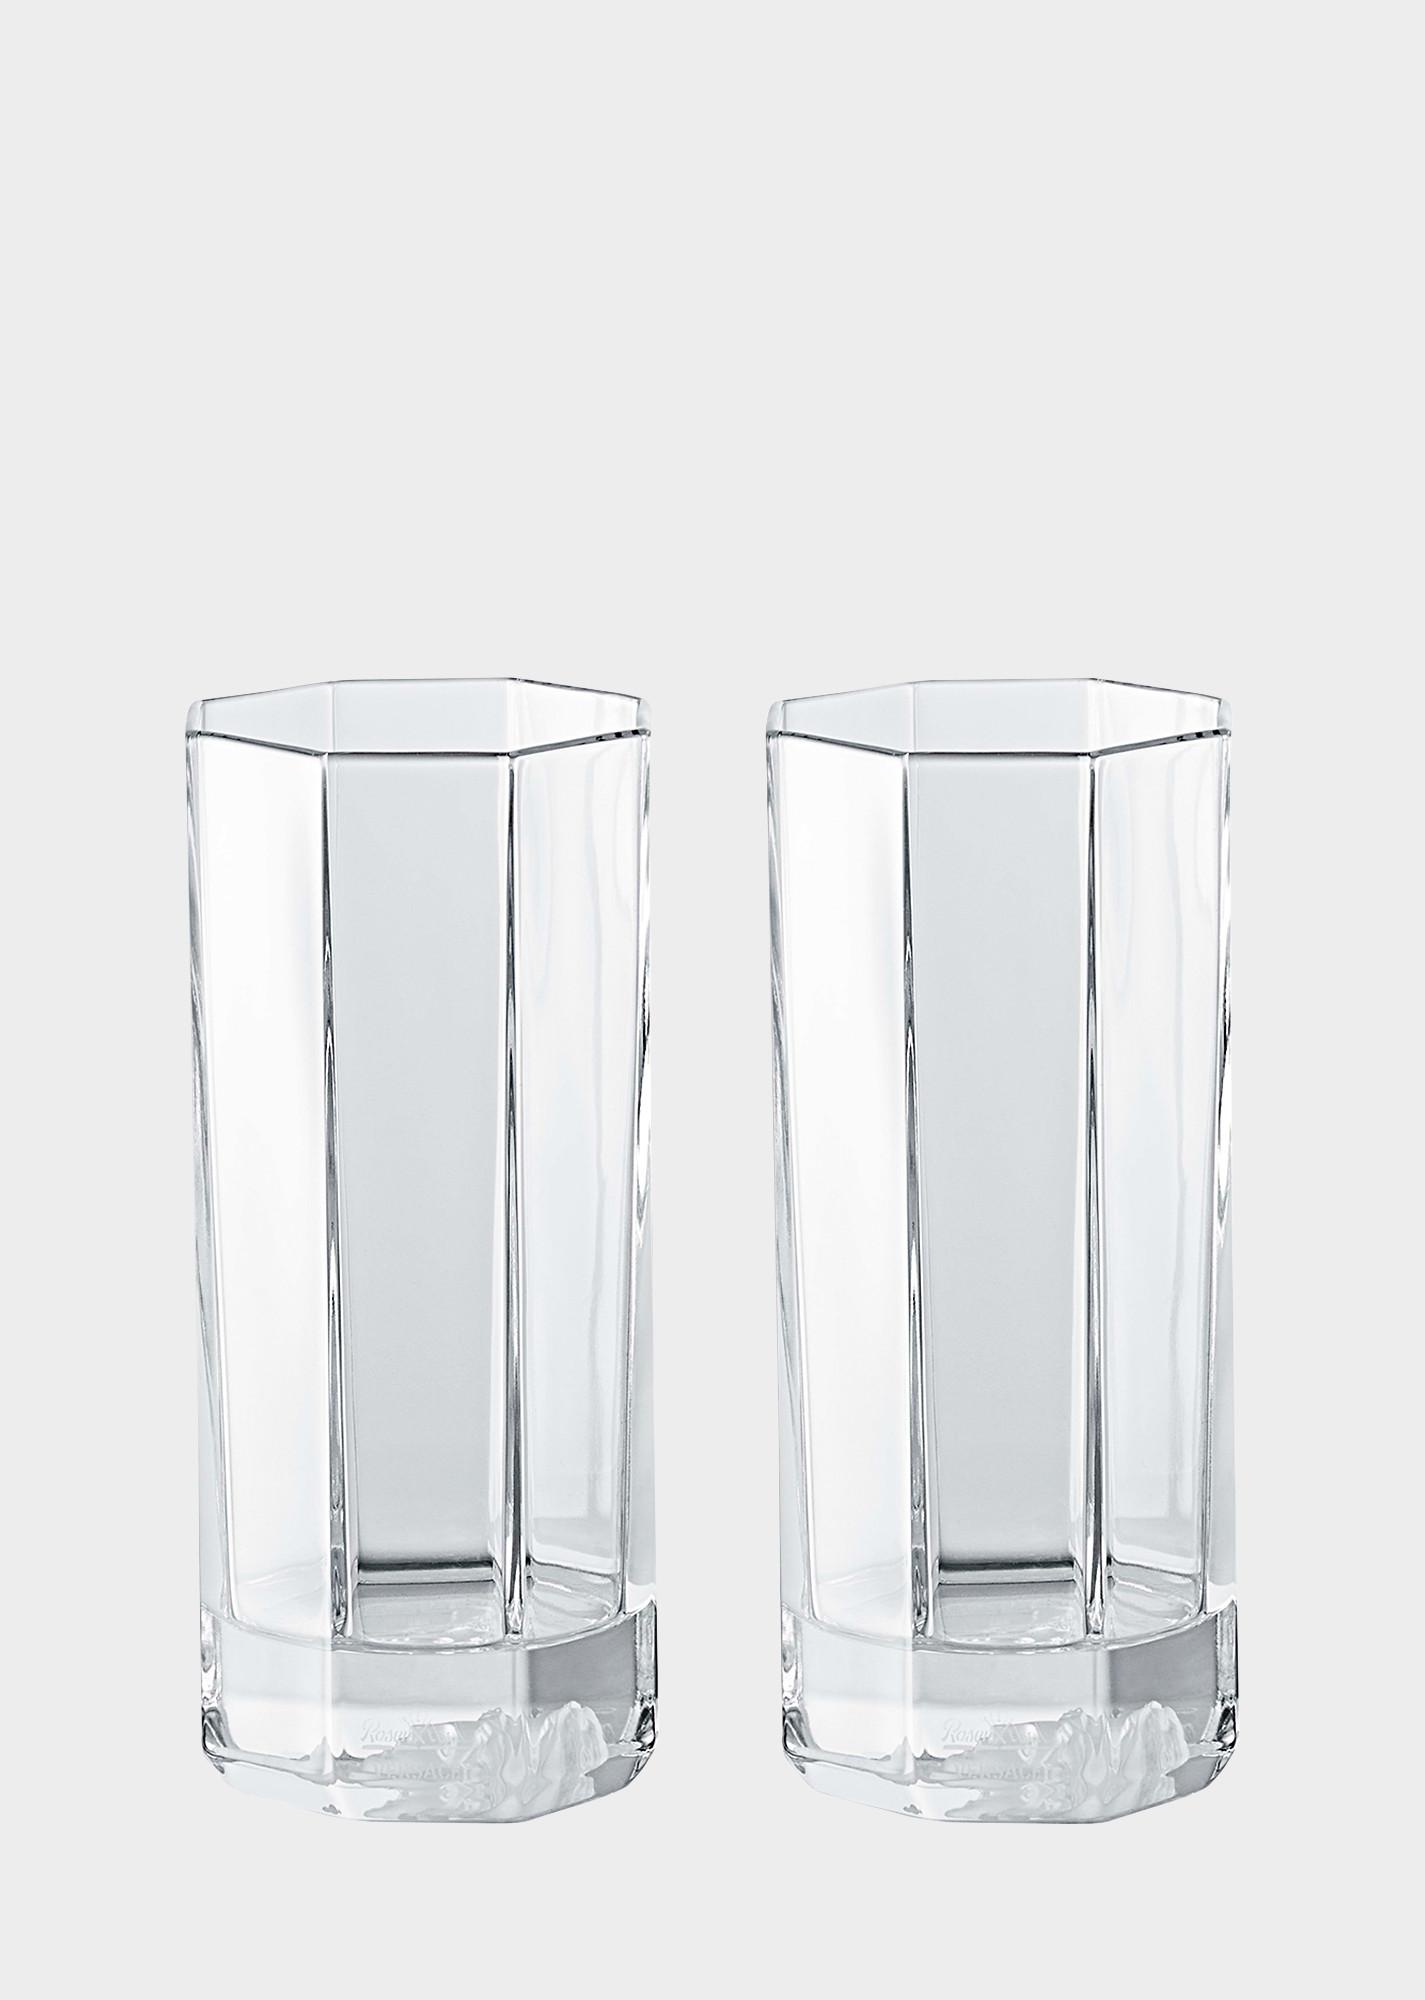 red bohemian glass vase of versace home luxury glass crystal official website with 90 n48874 n110835 n2066 20 medusalumierelongdrinkglassset glassandcrystal versace online store 1 1